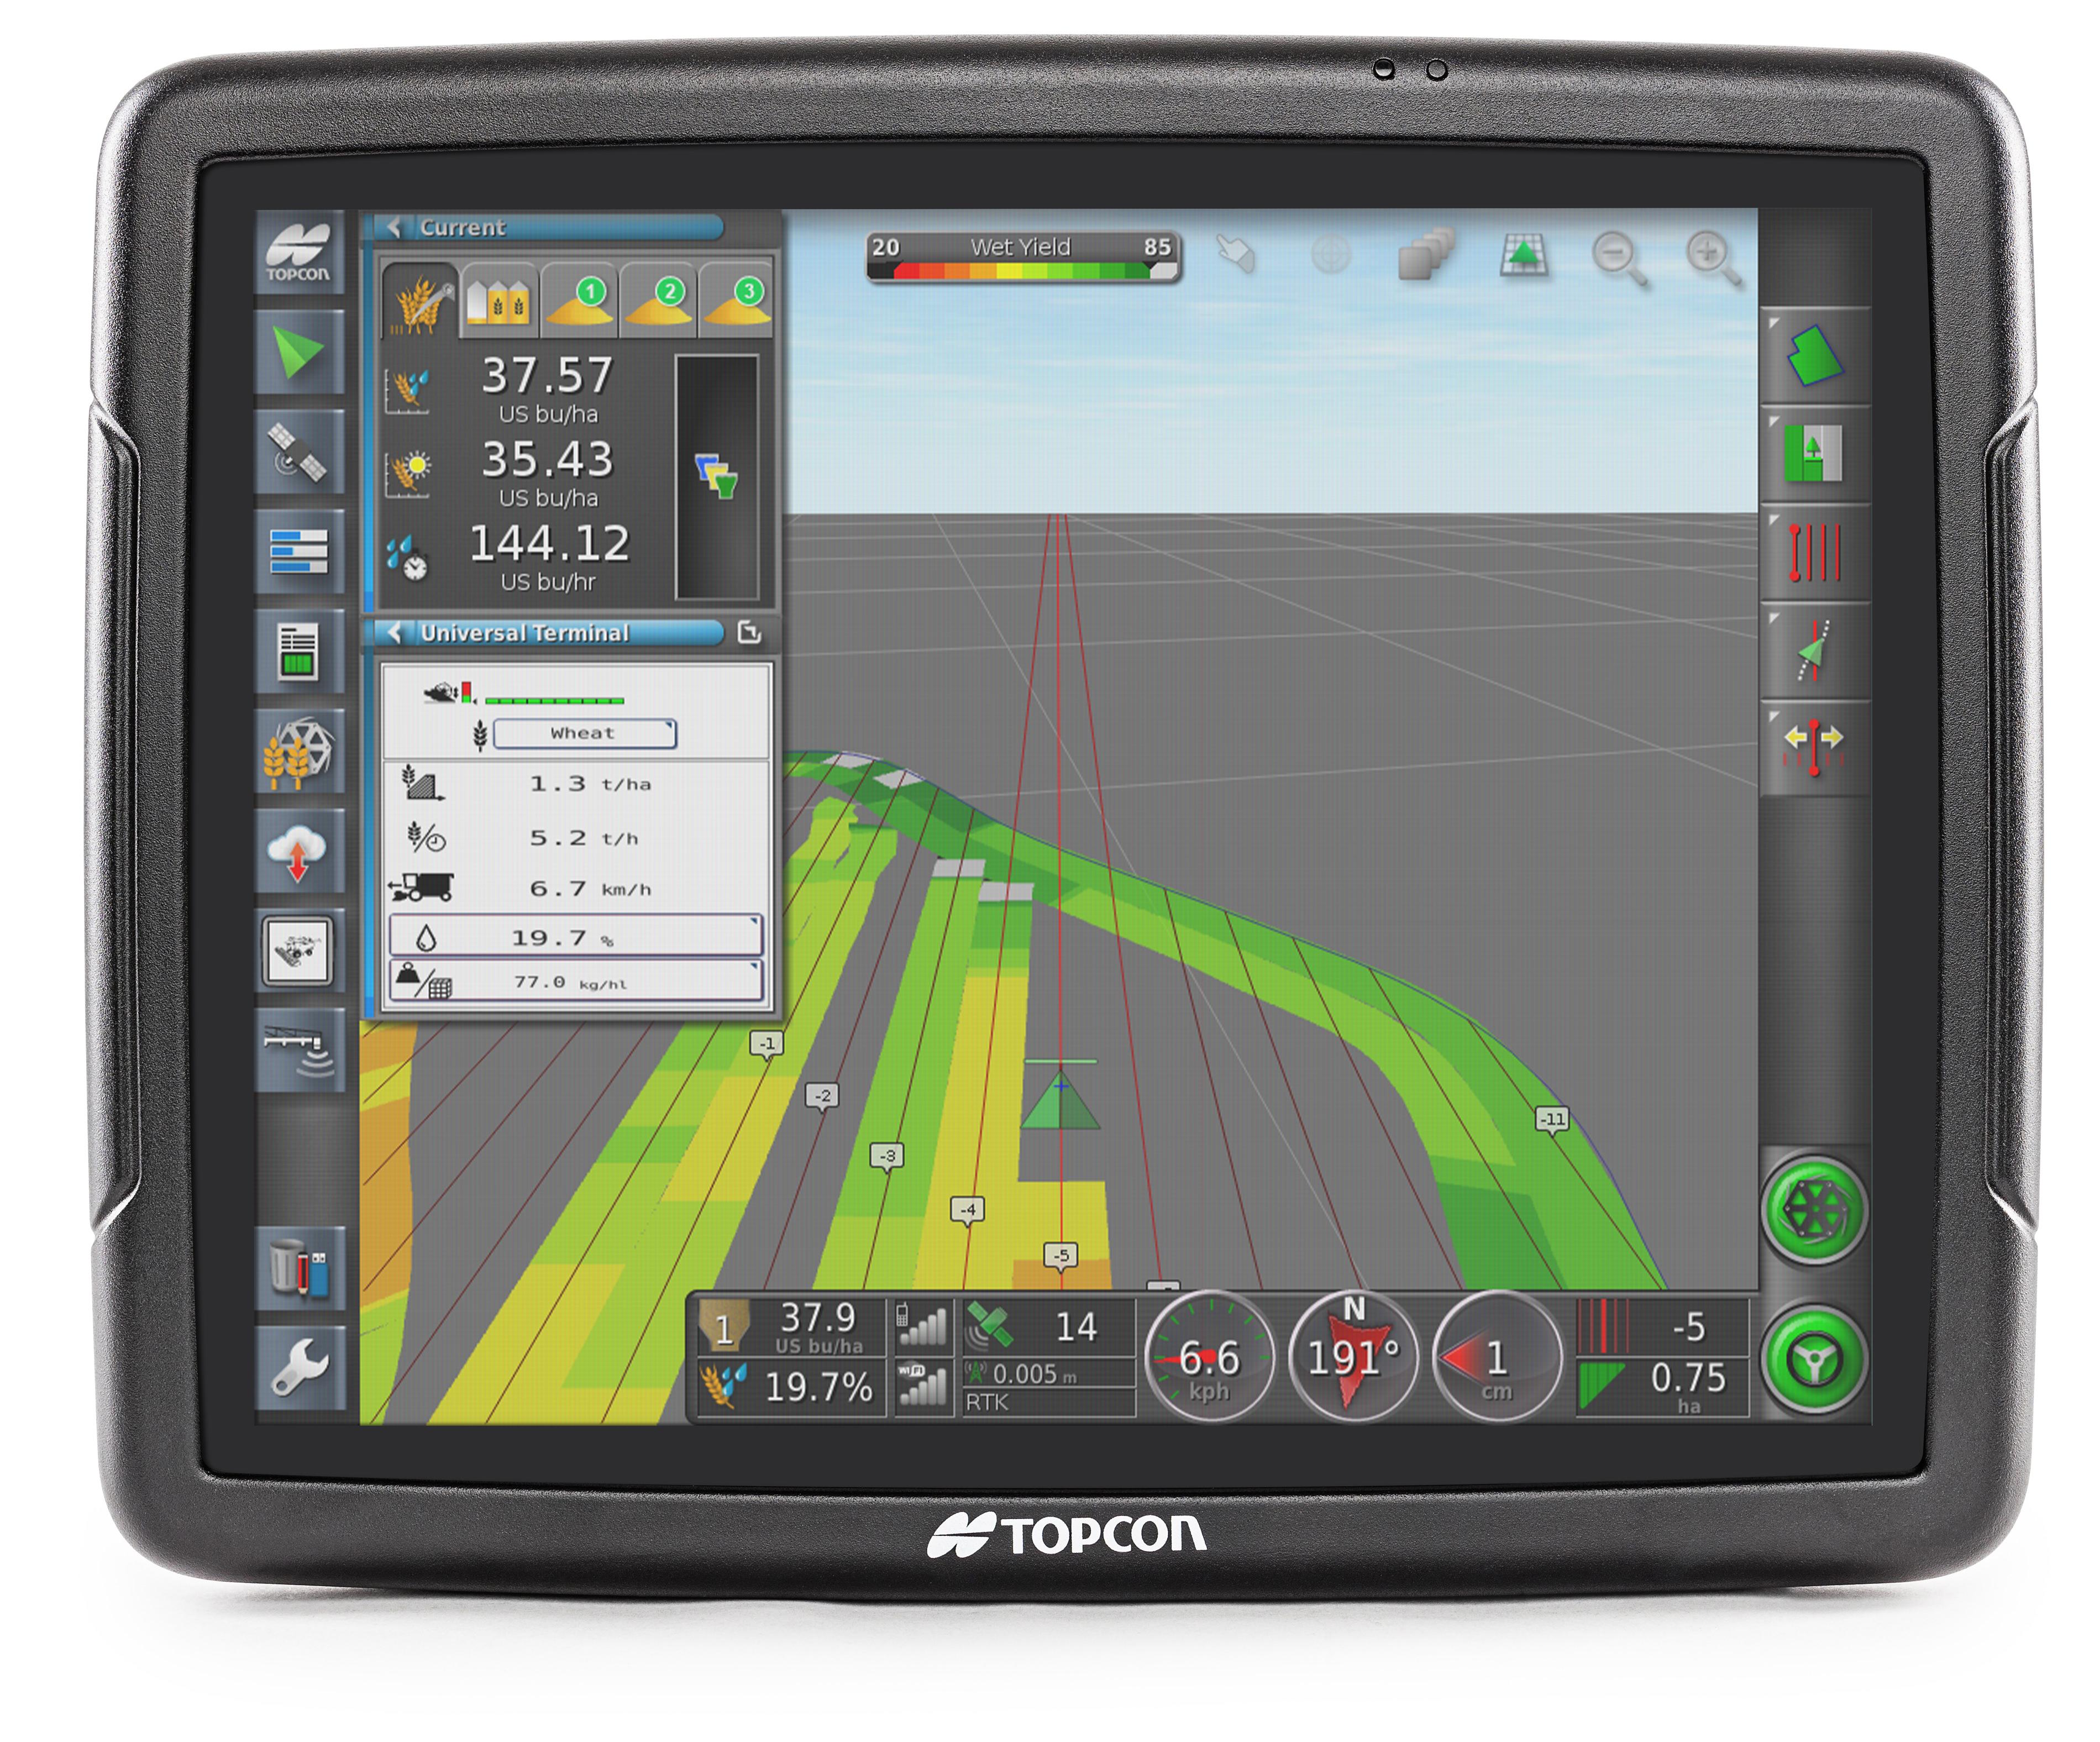 Topcon Totalcare X35 Console